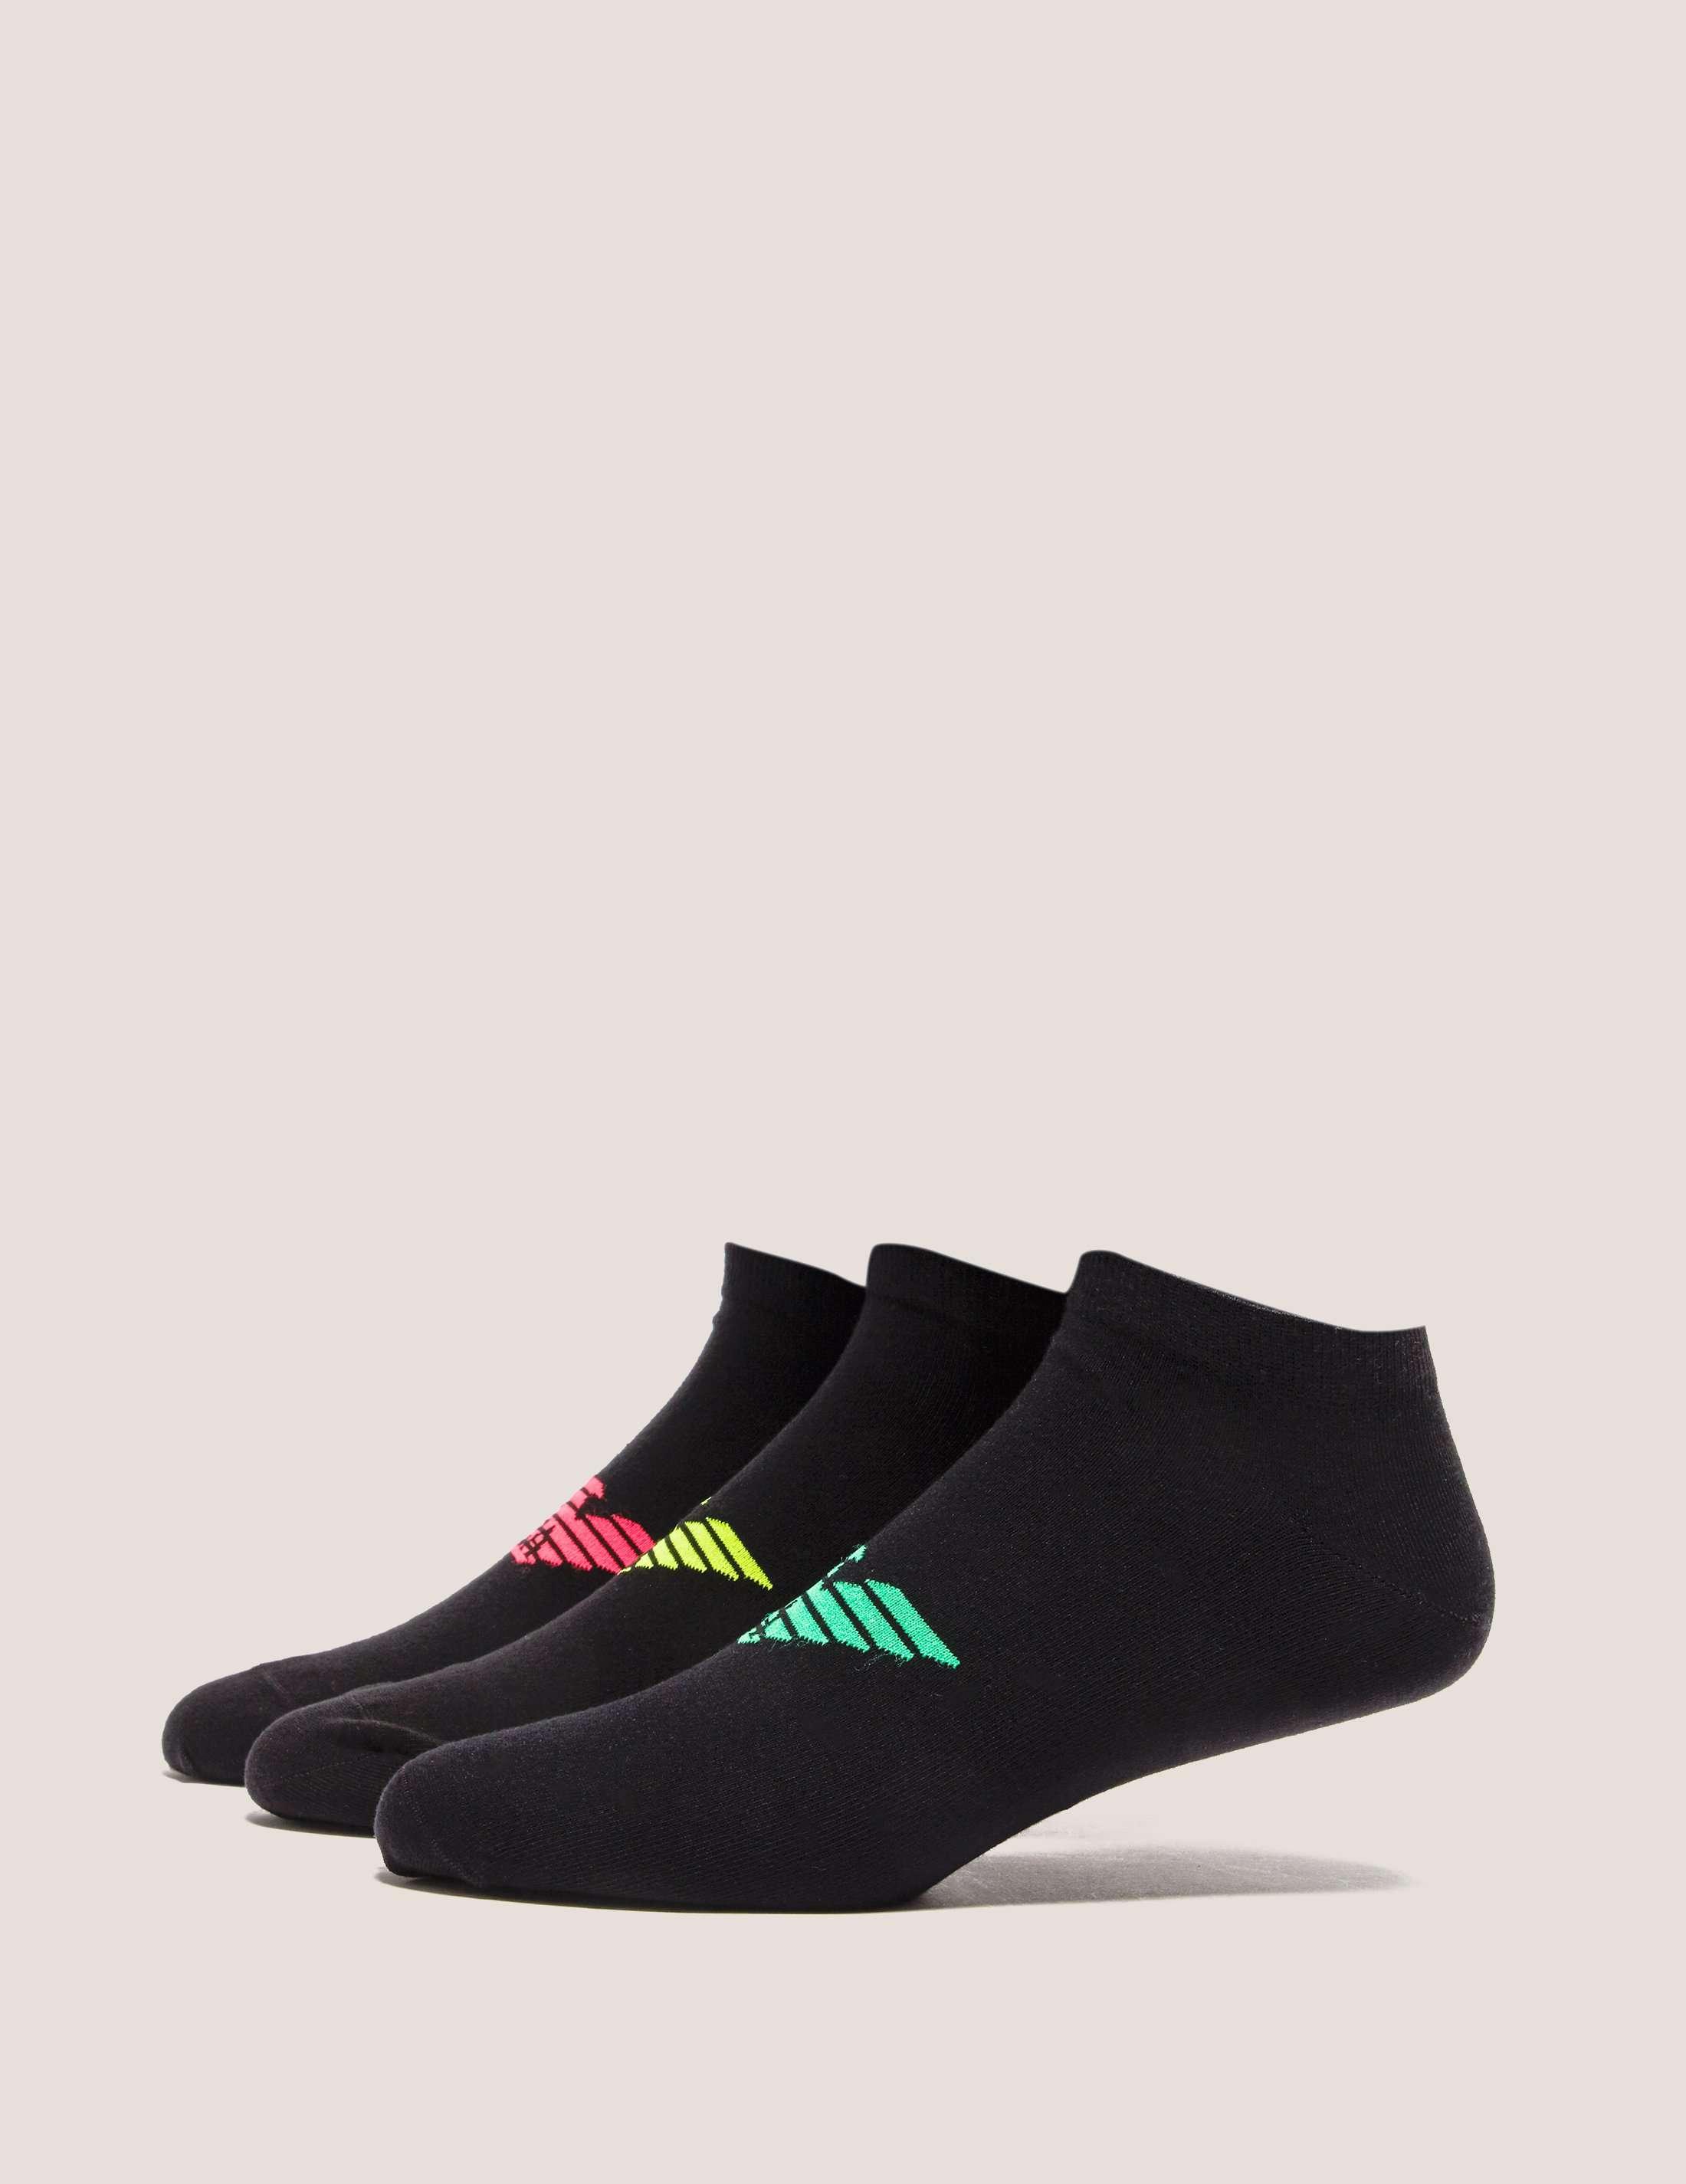 Emporio Armani In-Shoe Socks